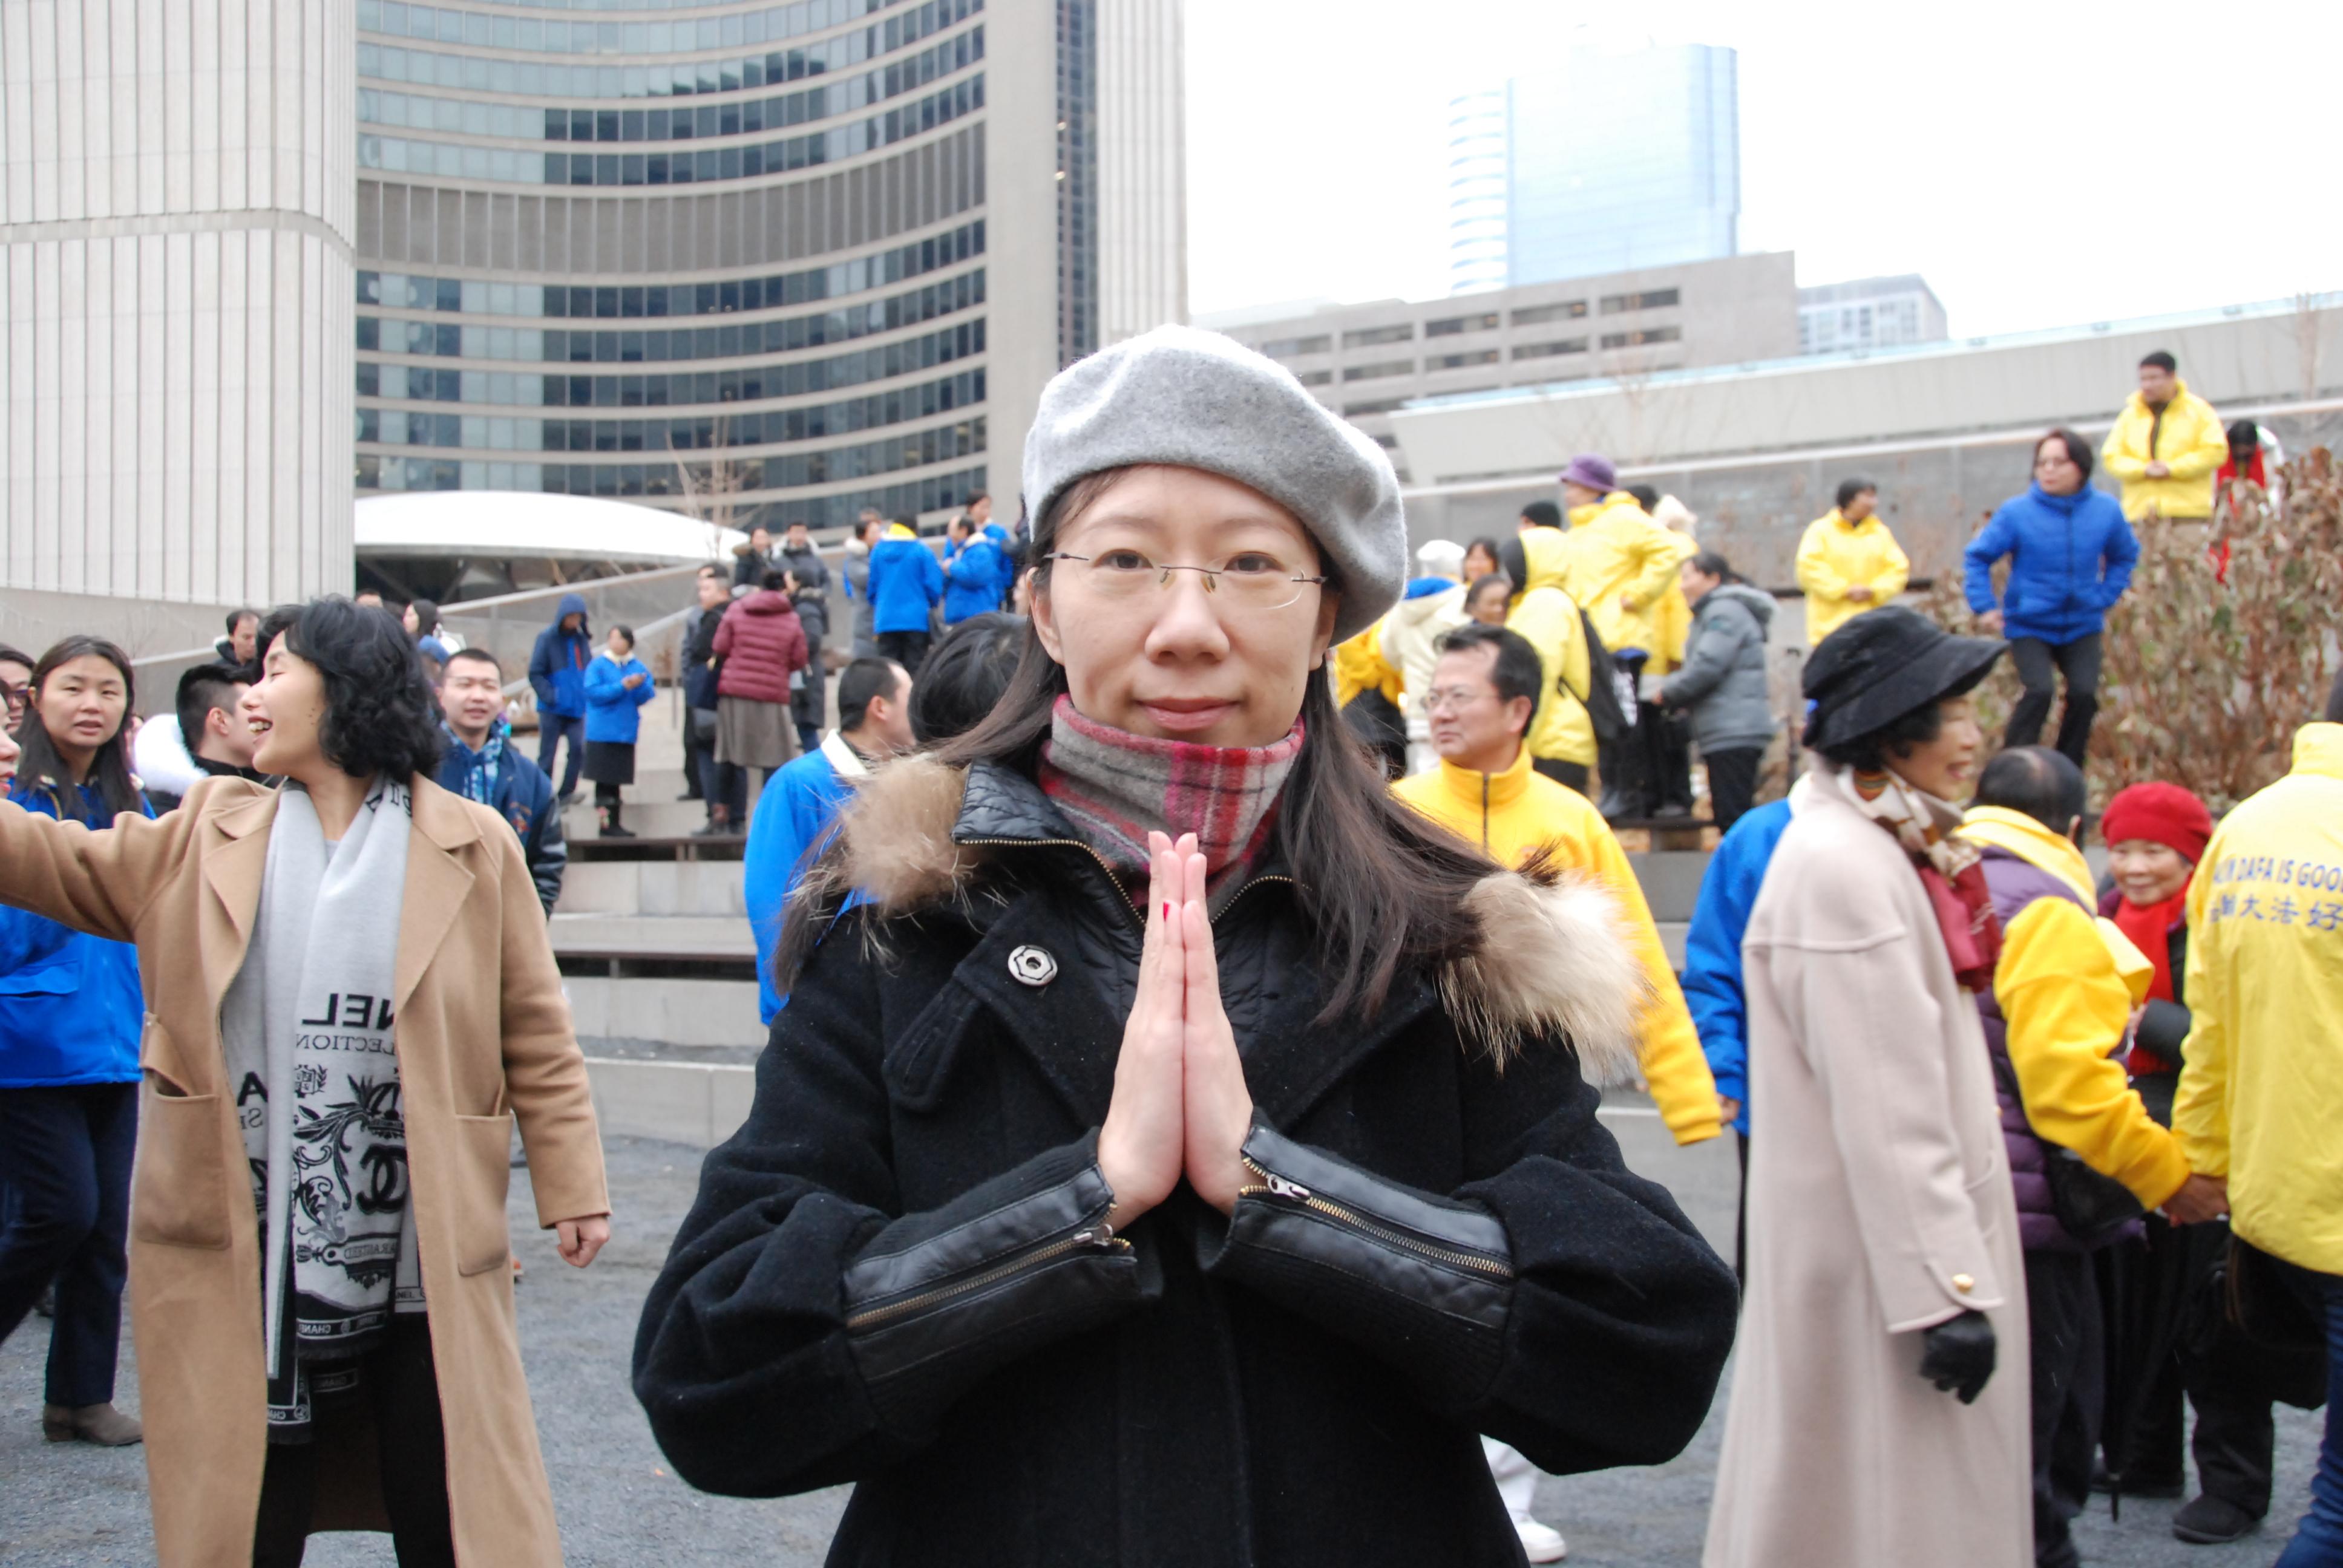 胡女士(Sherry Hu)恭祝師尊新年快樂。(伊鈴/大紀元)